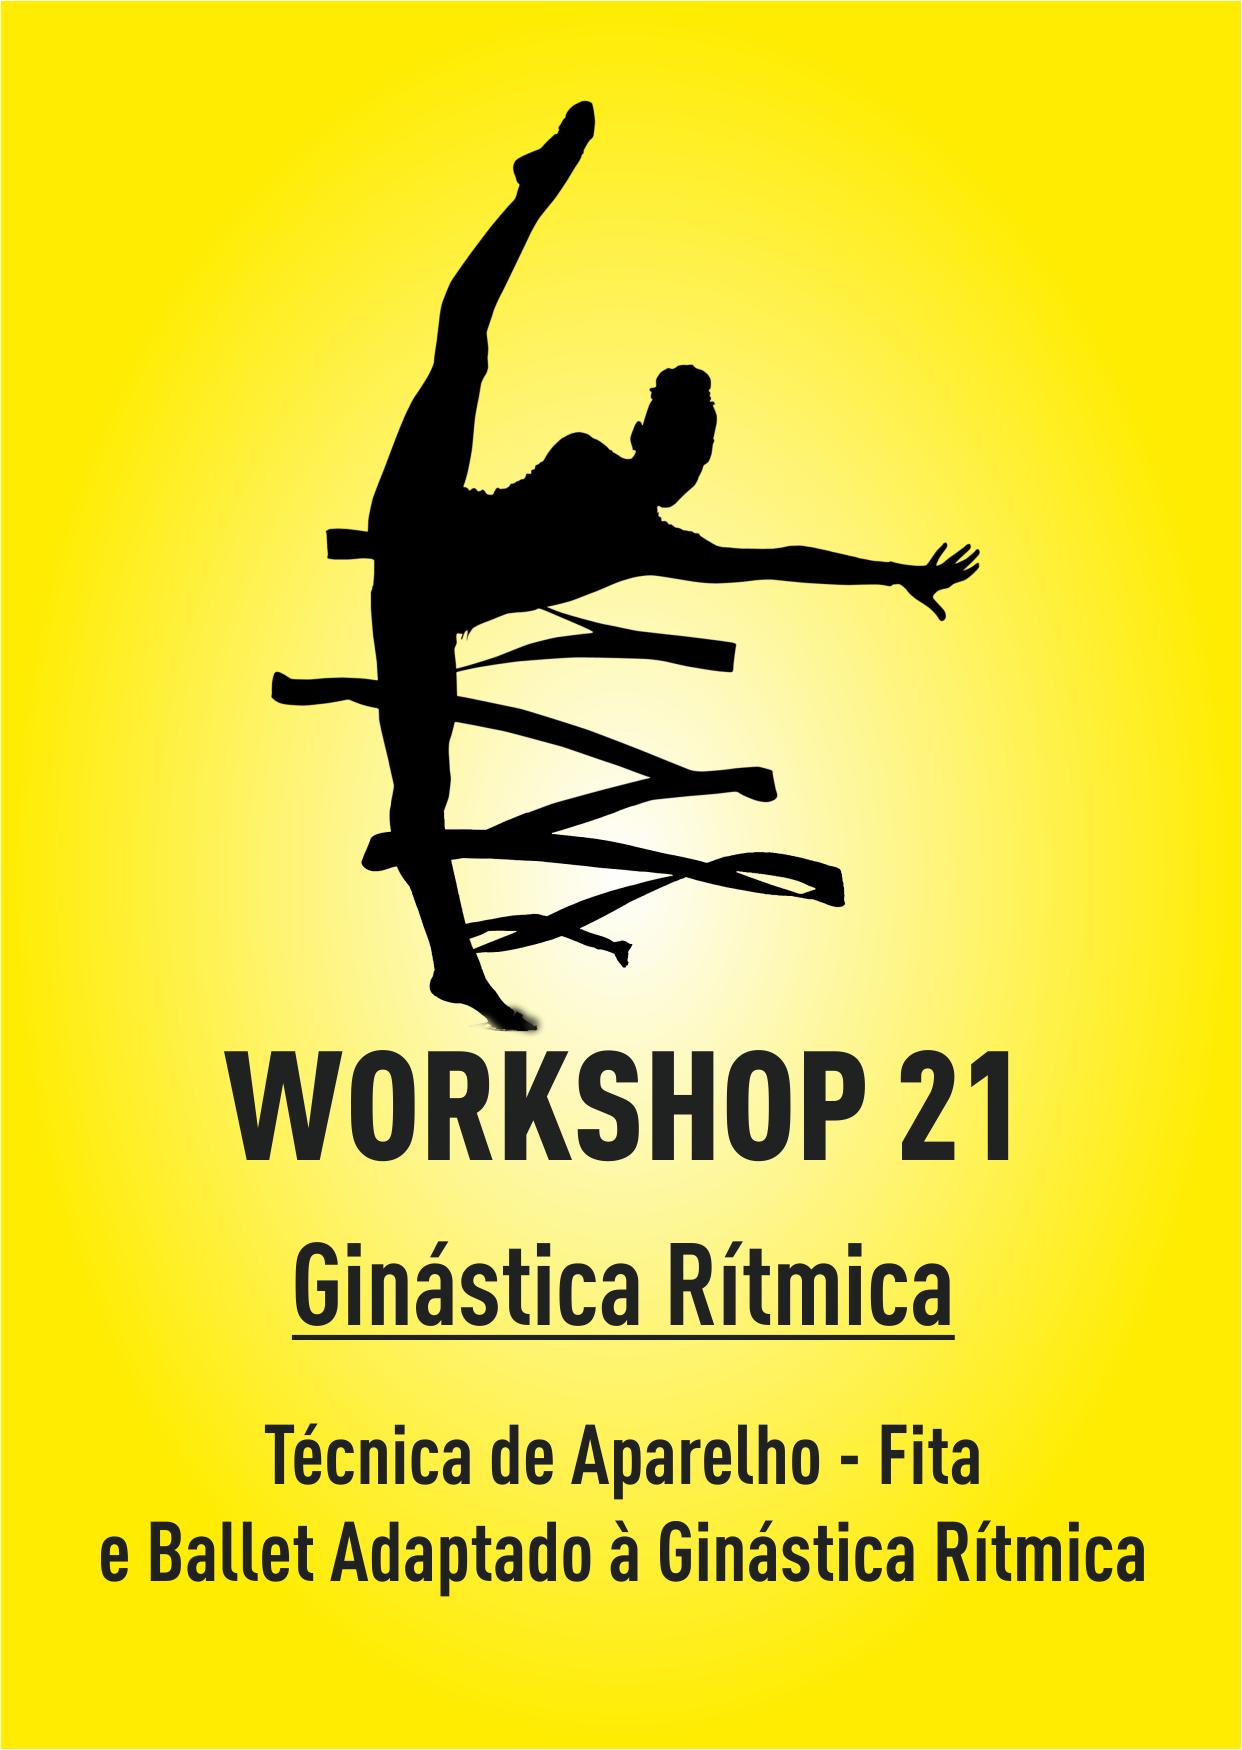 WORKSHOP 21 - GR: TÉCNICA DE APARELHO – FITA E BALLET ADAPTADO À GINÁSTICA RÍTMICA